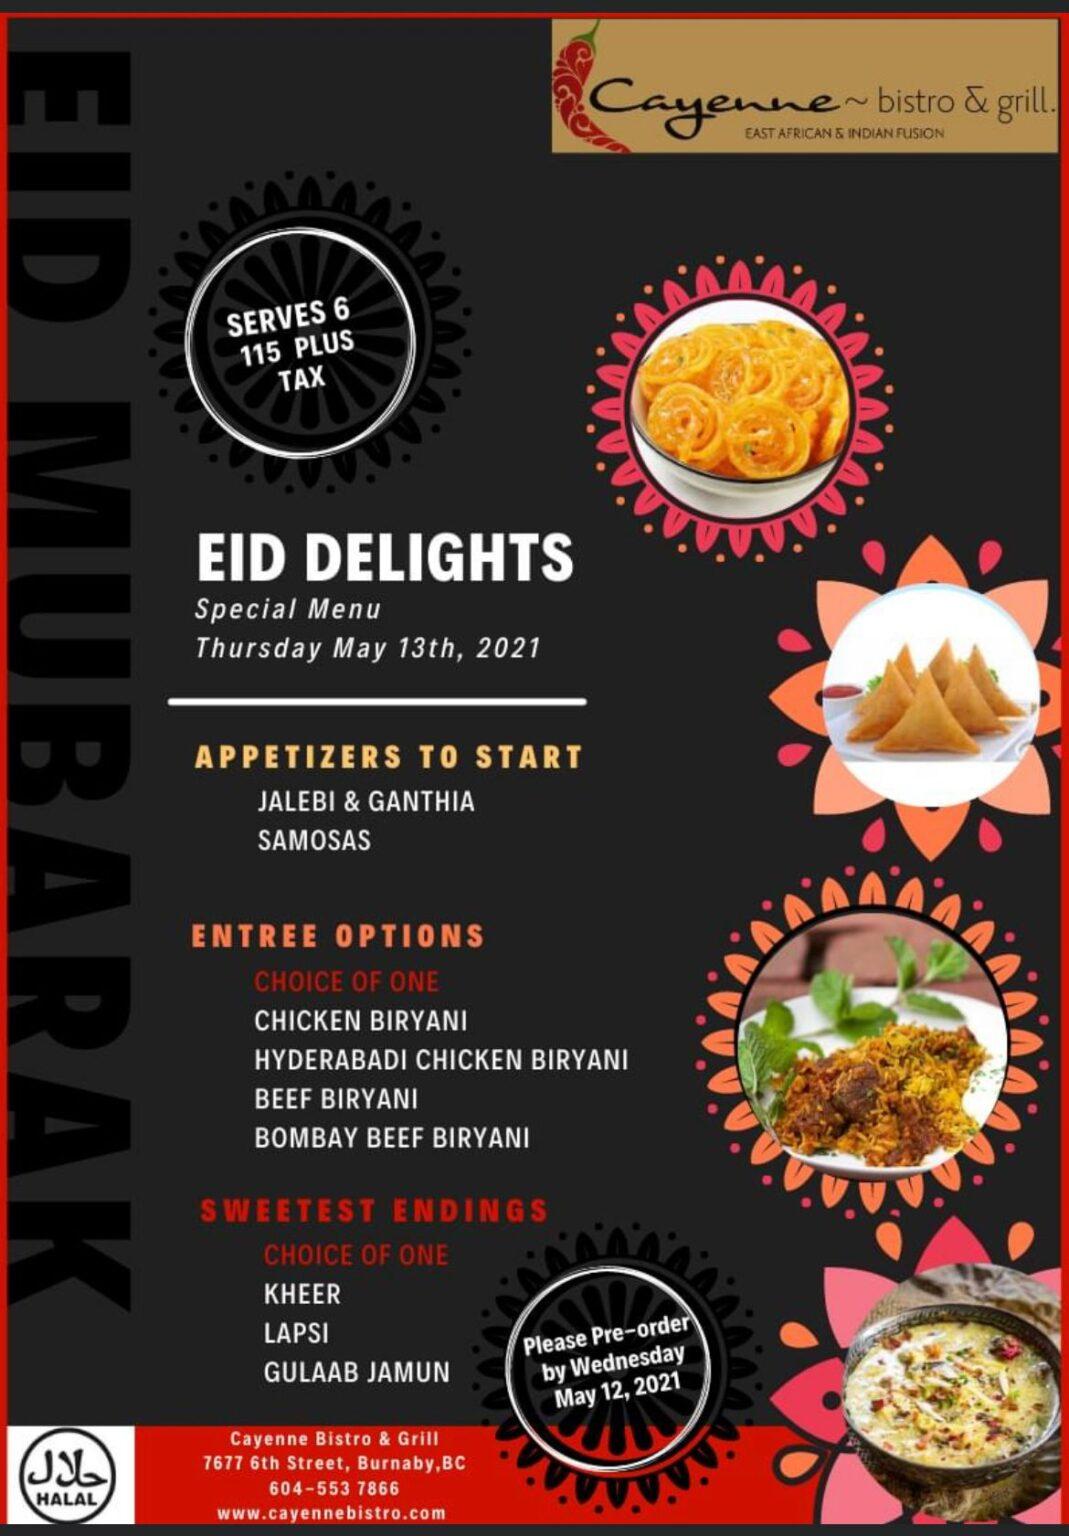 EID Delights at Cayenne Bistro